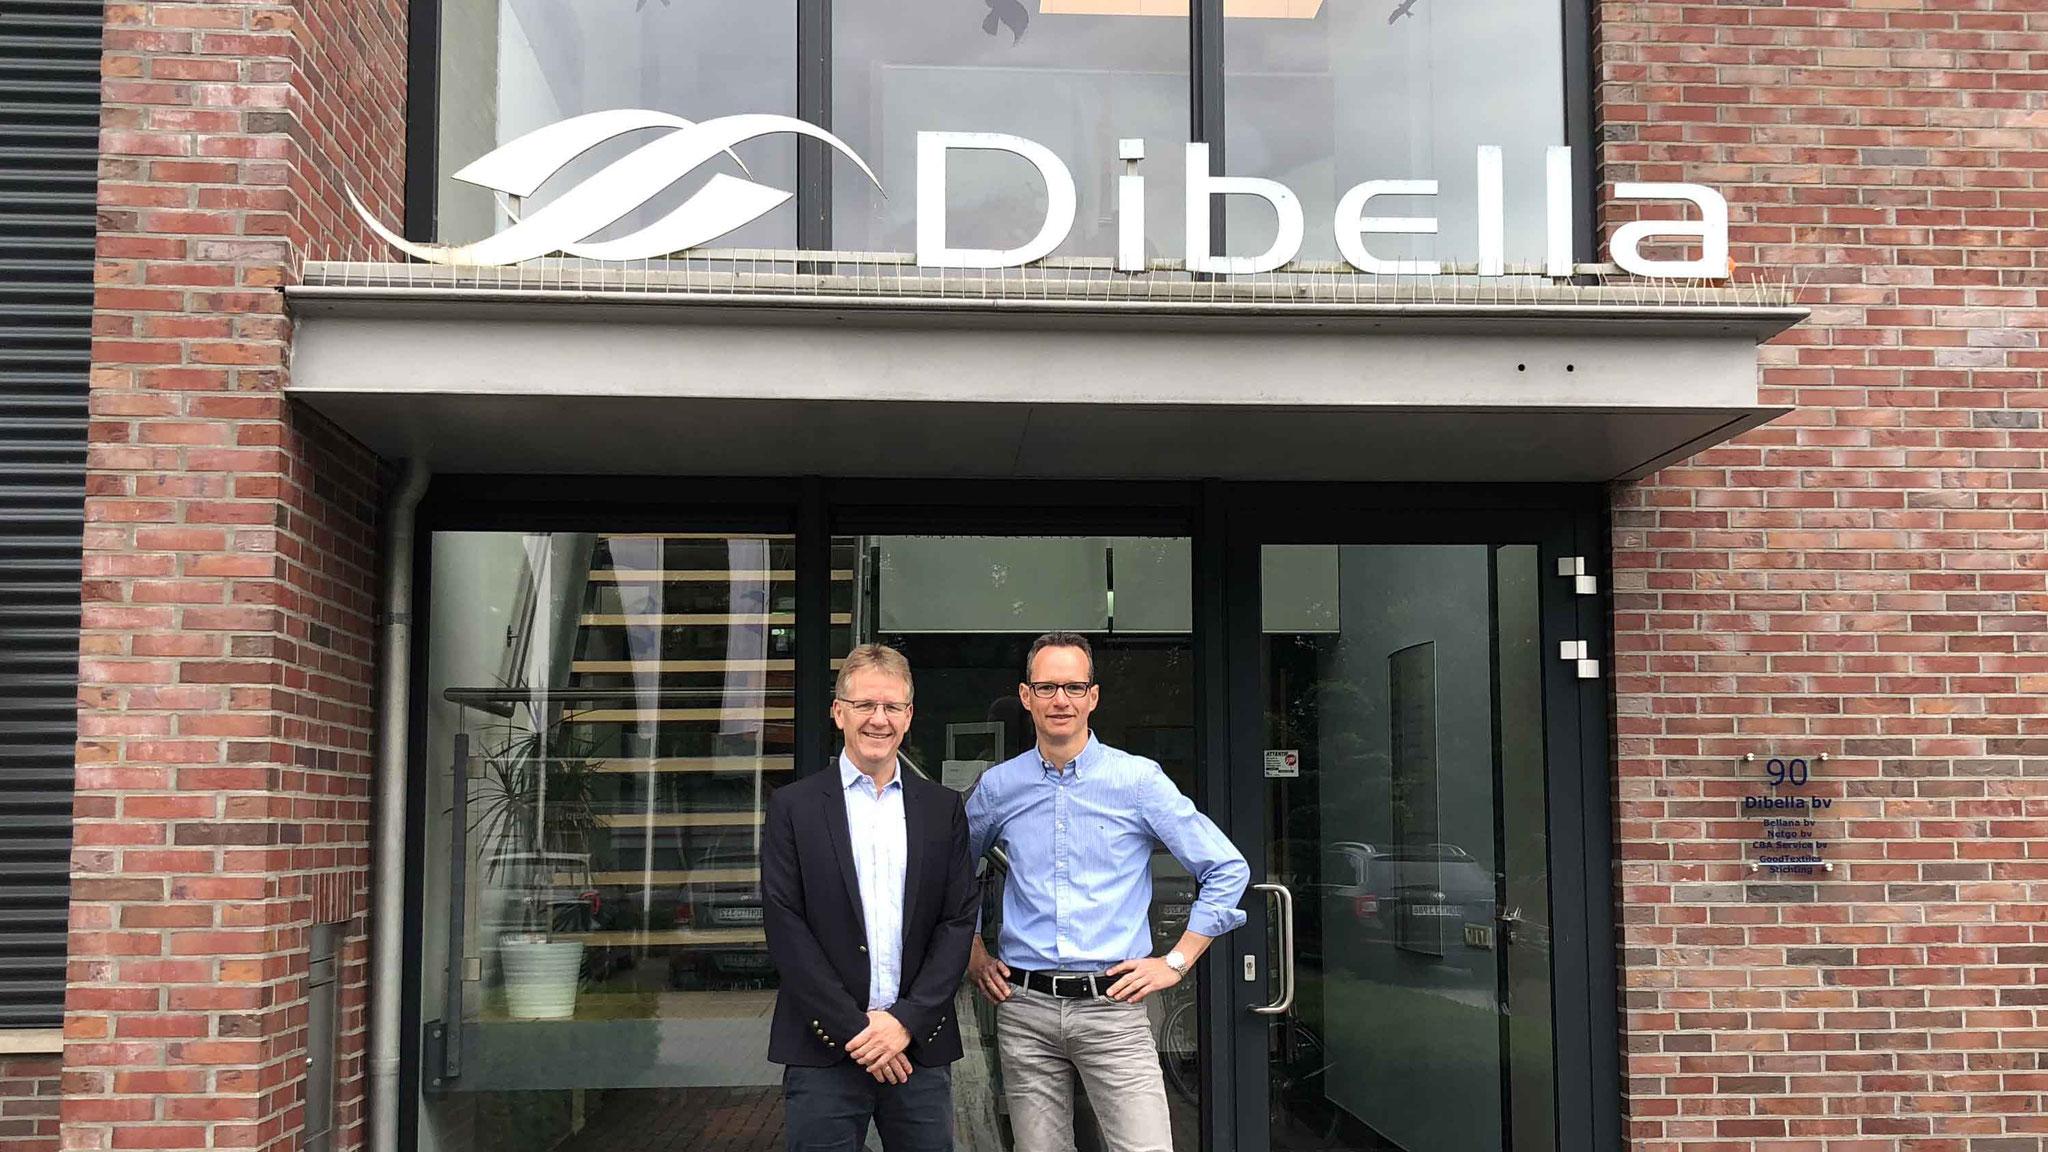 Dibella-Geschäftsführer Ralf Hellmann und Prokurist Carsten Ridder setzen den digitalen Wandel langsam und gemeinsam mit den Mitarbeitern um.